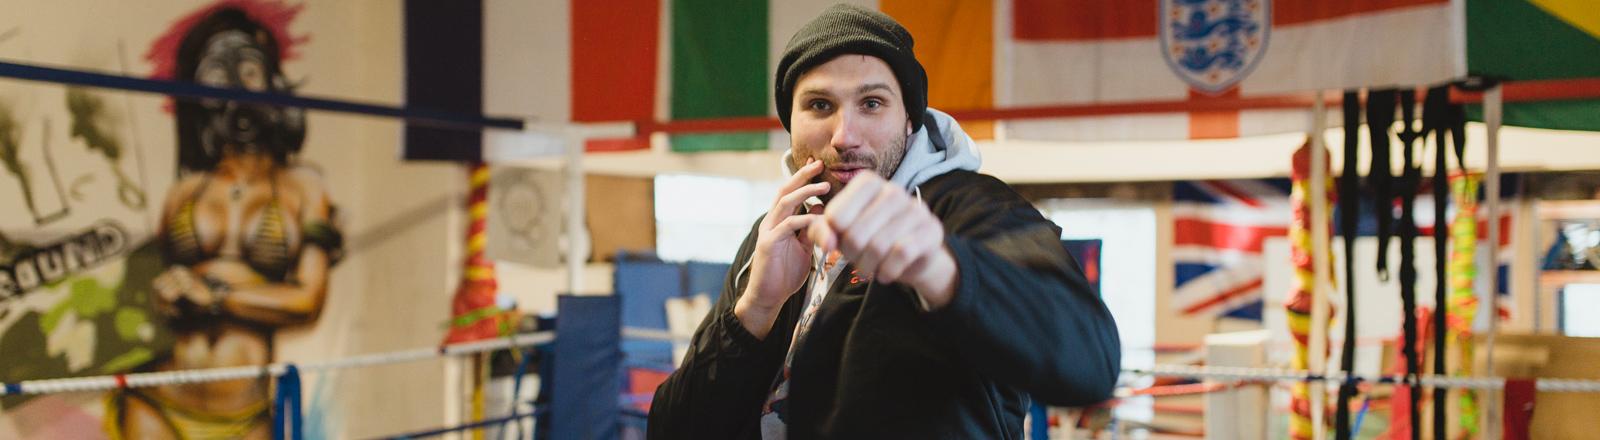 """Takis Würger ist Journalist und Boxer und hat ein Buch über den Boxsport geschrieben mit dem Titel """"Knockout: Das Leben ist ein Kampf. Die 20 besten Geschichten vom Boxen""""."""